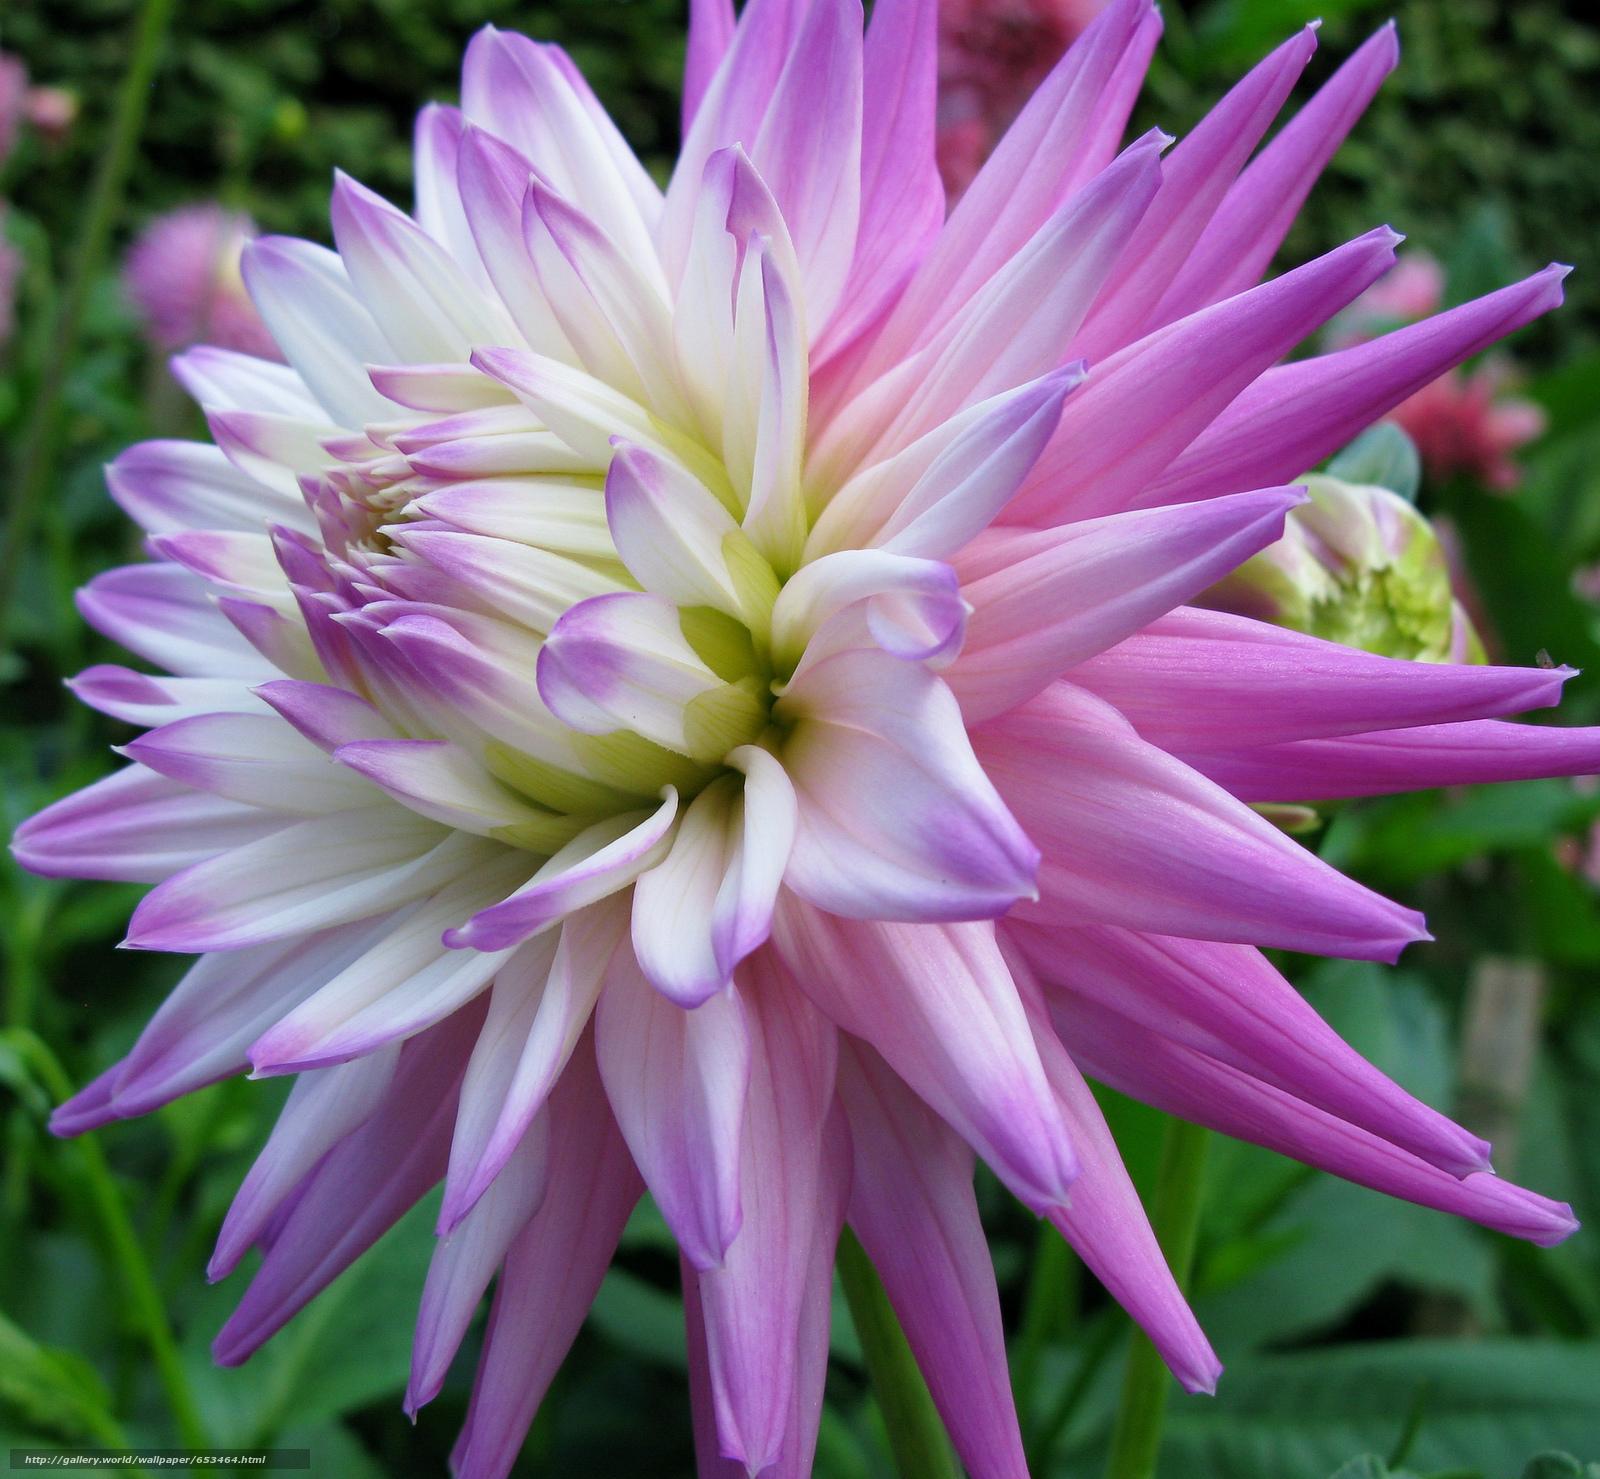 Скачать обои георгин,  цветы,  цветок,  макро бесплатно для рабочего стола в разрешении 2048x1893 — картинка №653464